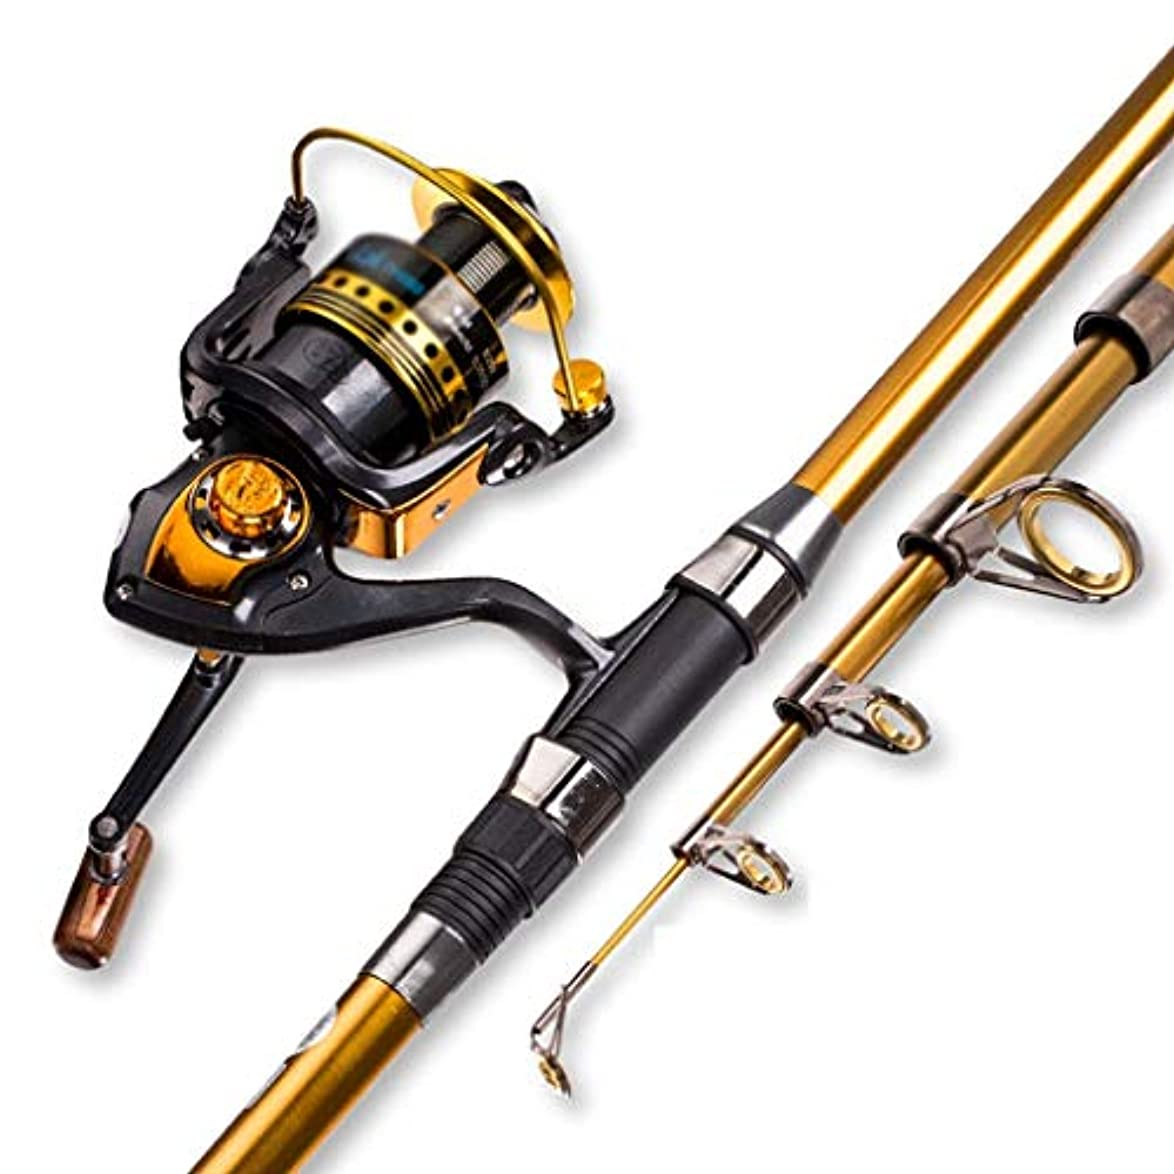 傑出した地殻説教する釣り竿海釣り竿セット釣りアクセサリー、初心者の引き込み式の釣り竿とリールの組み合わせスピニング釣りリール釣りタックル(色:マルチカラー、サイズ:2.4)